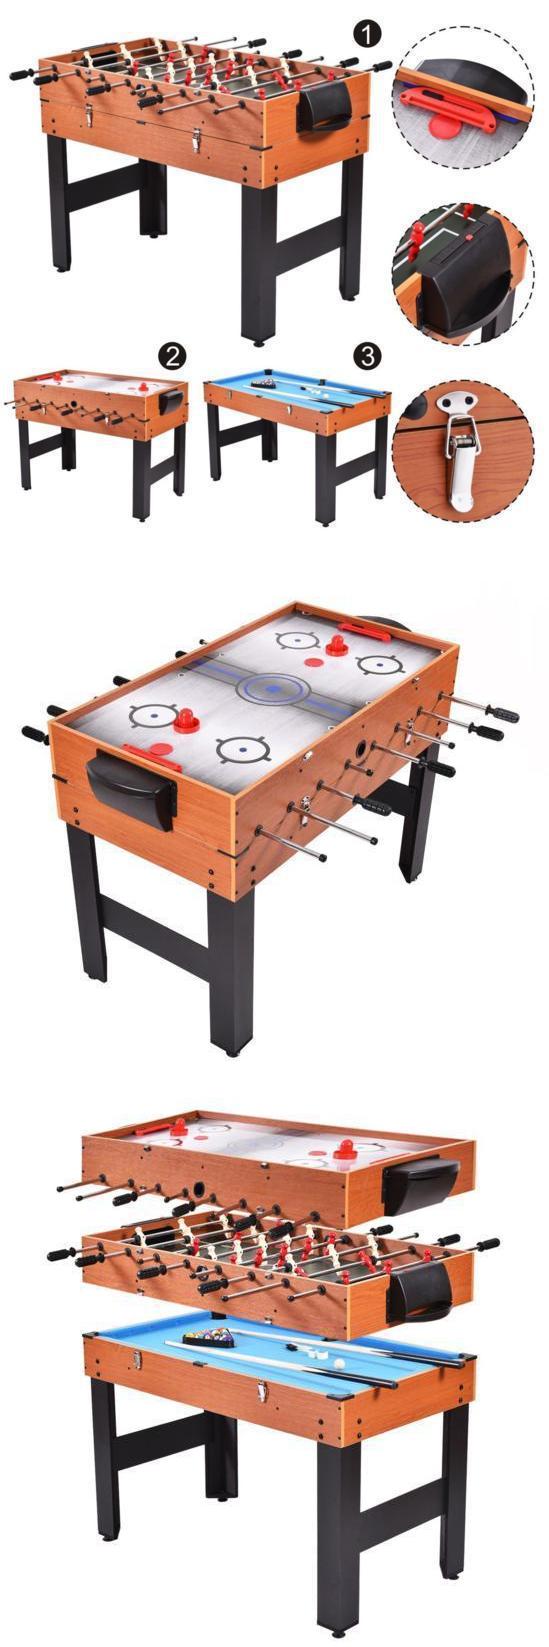 Foosball 36276: Multi Game Table Combo 3 In 1 Pool Billiards Air Hockey  Foosball Soccer